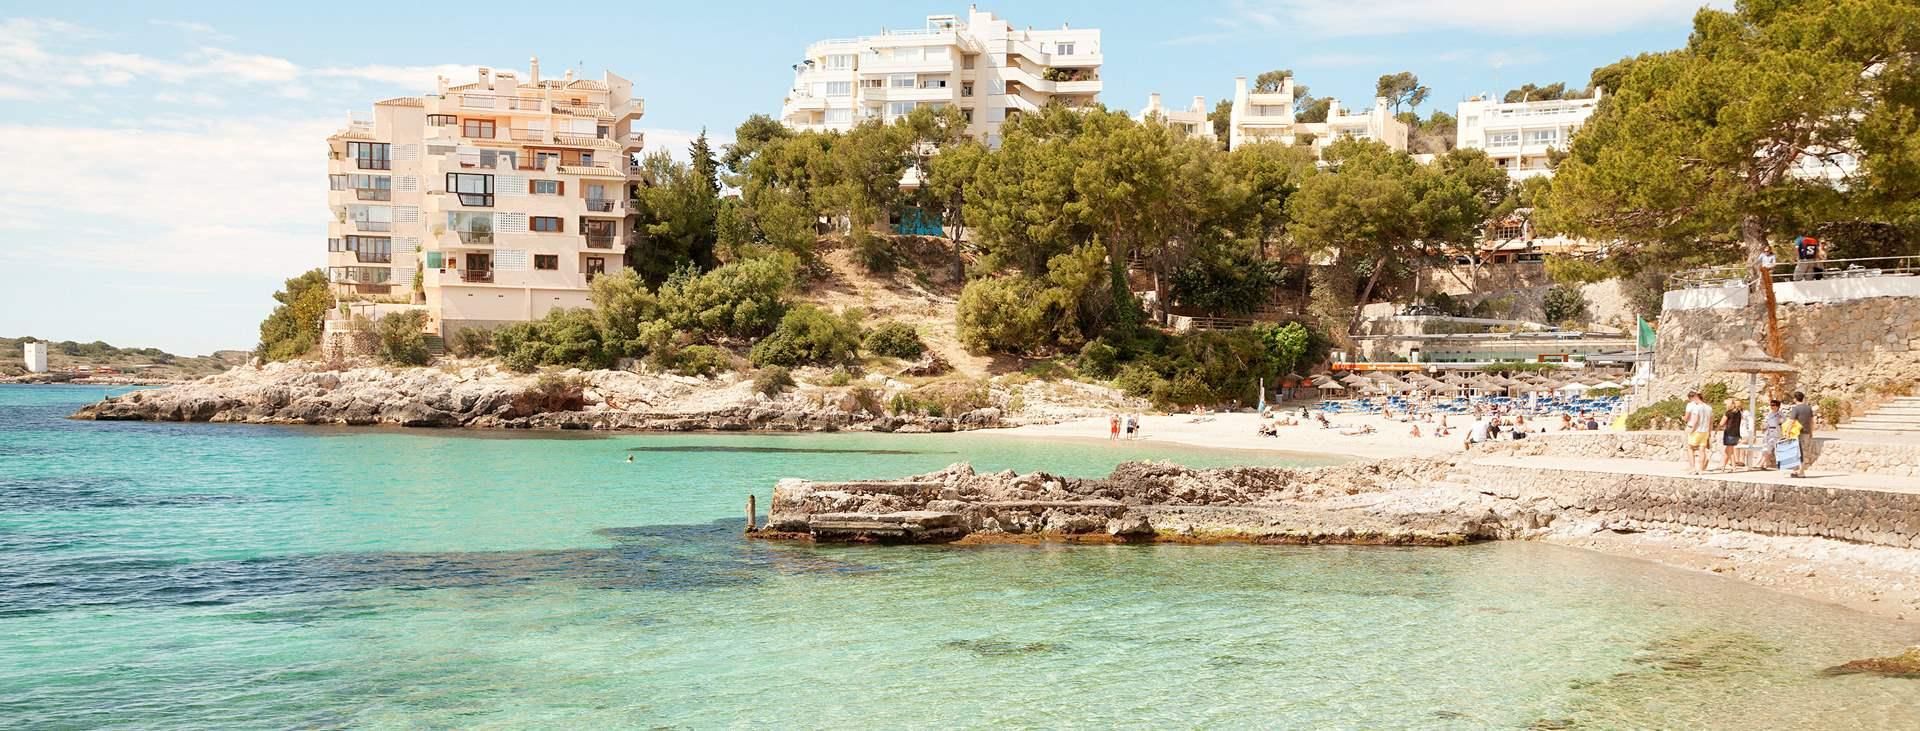 Bestill en reise med Ving til Illetas på Mallorca